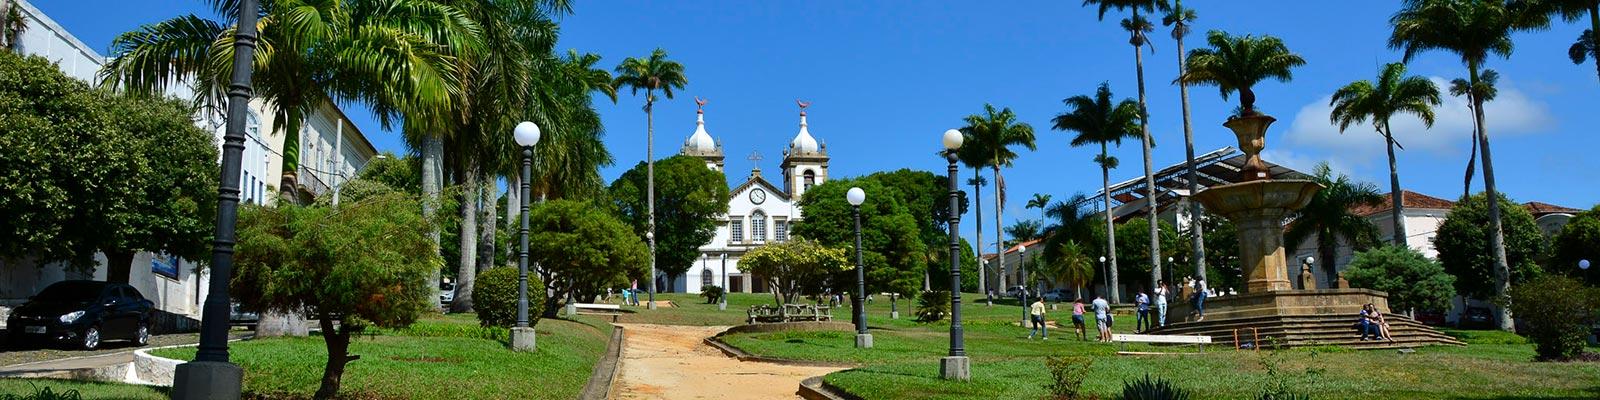 Praça Barão de Campo Belo